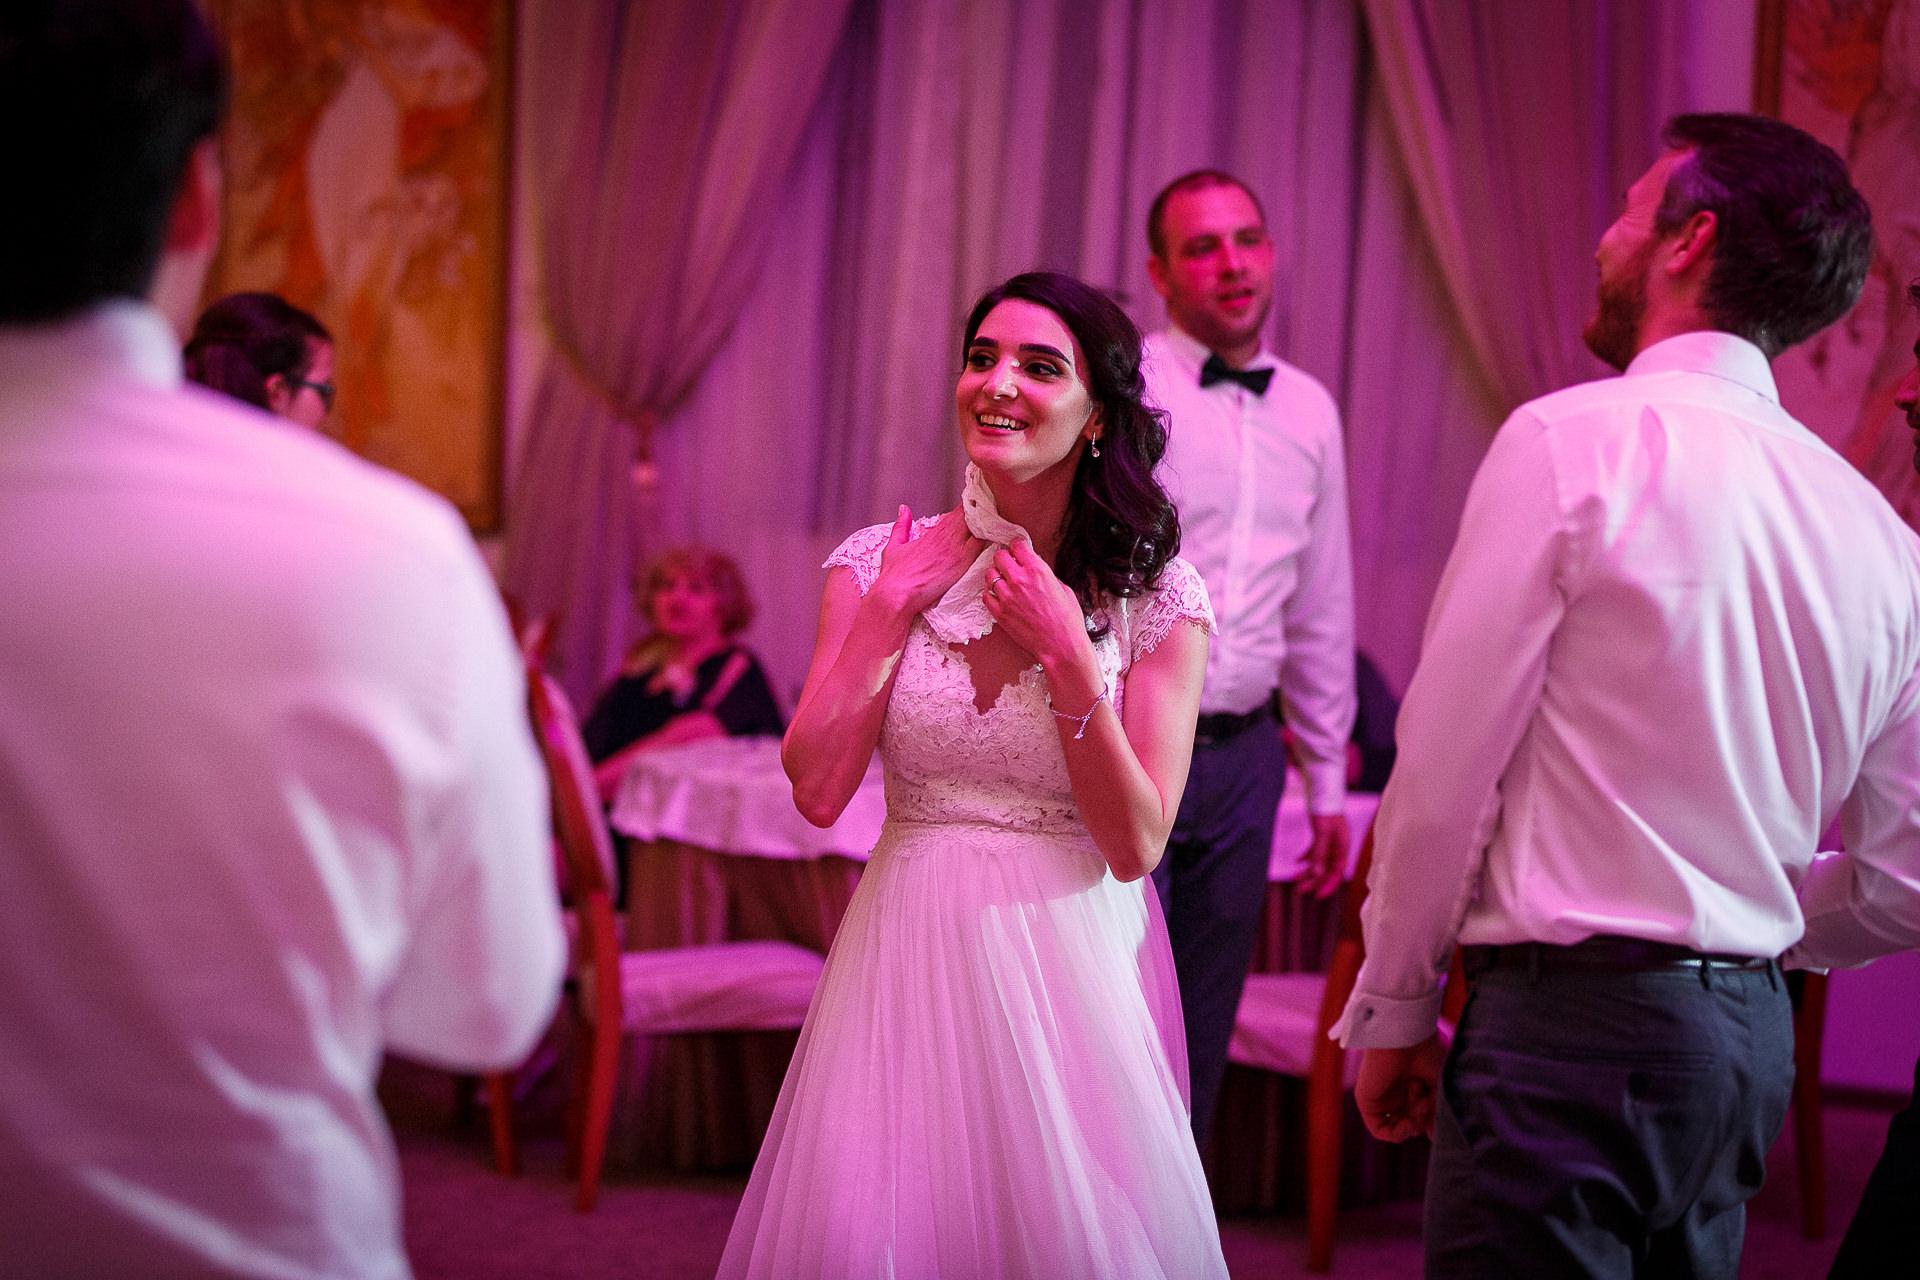 nuntă Salon Elisabeta - Elena şi Costin - Mihai Zaharia Photography - 084